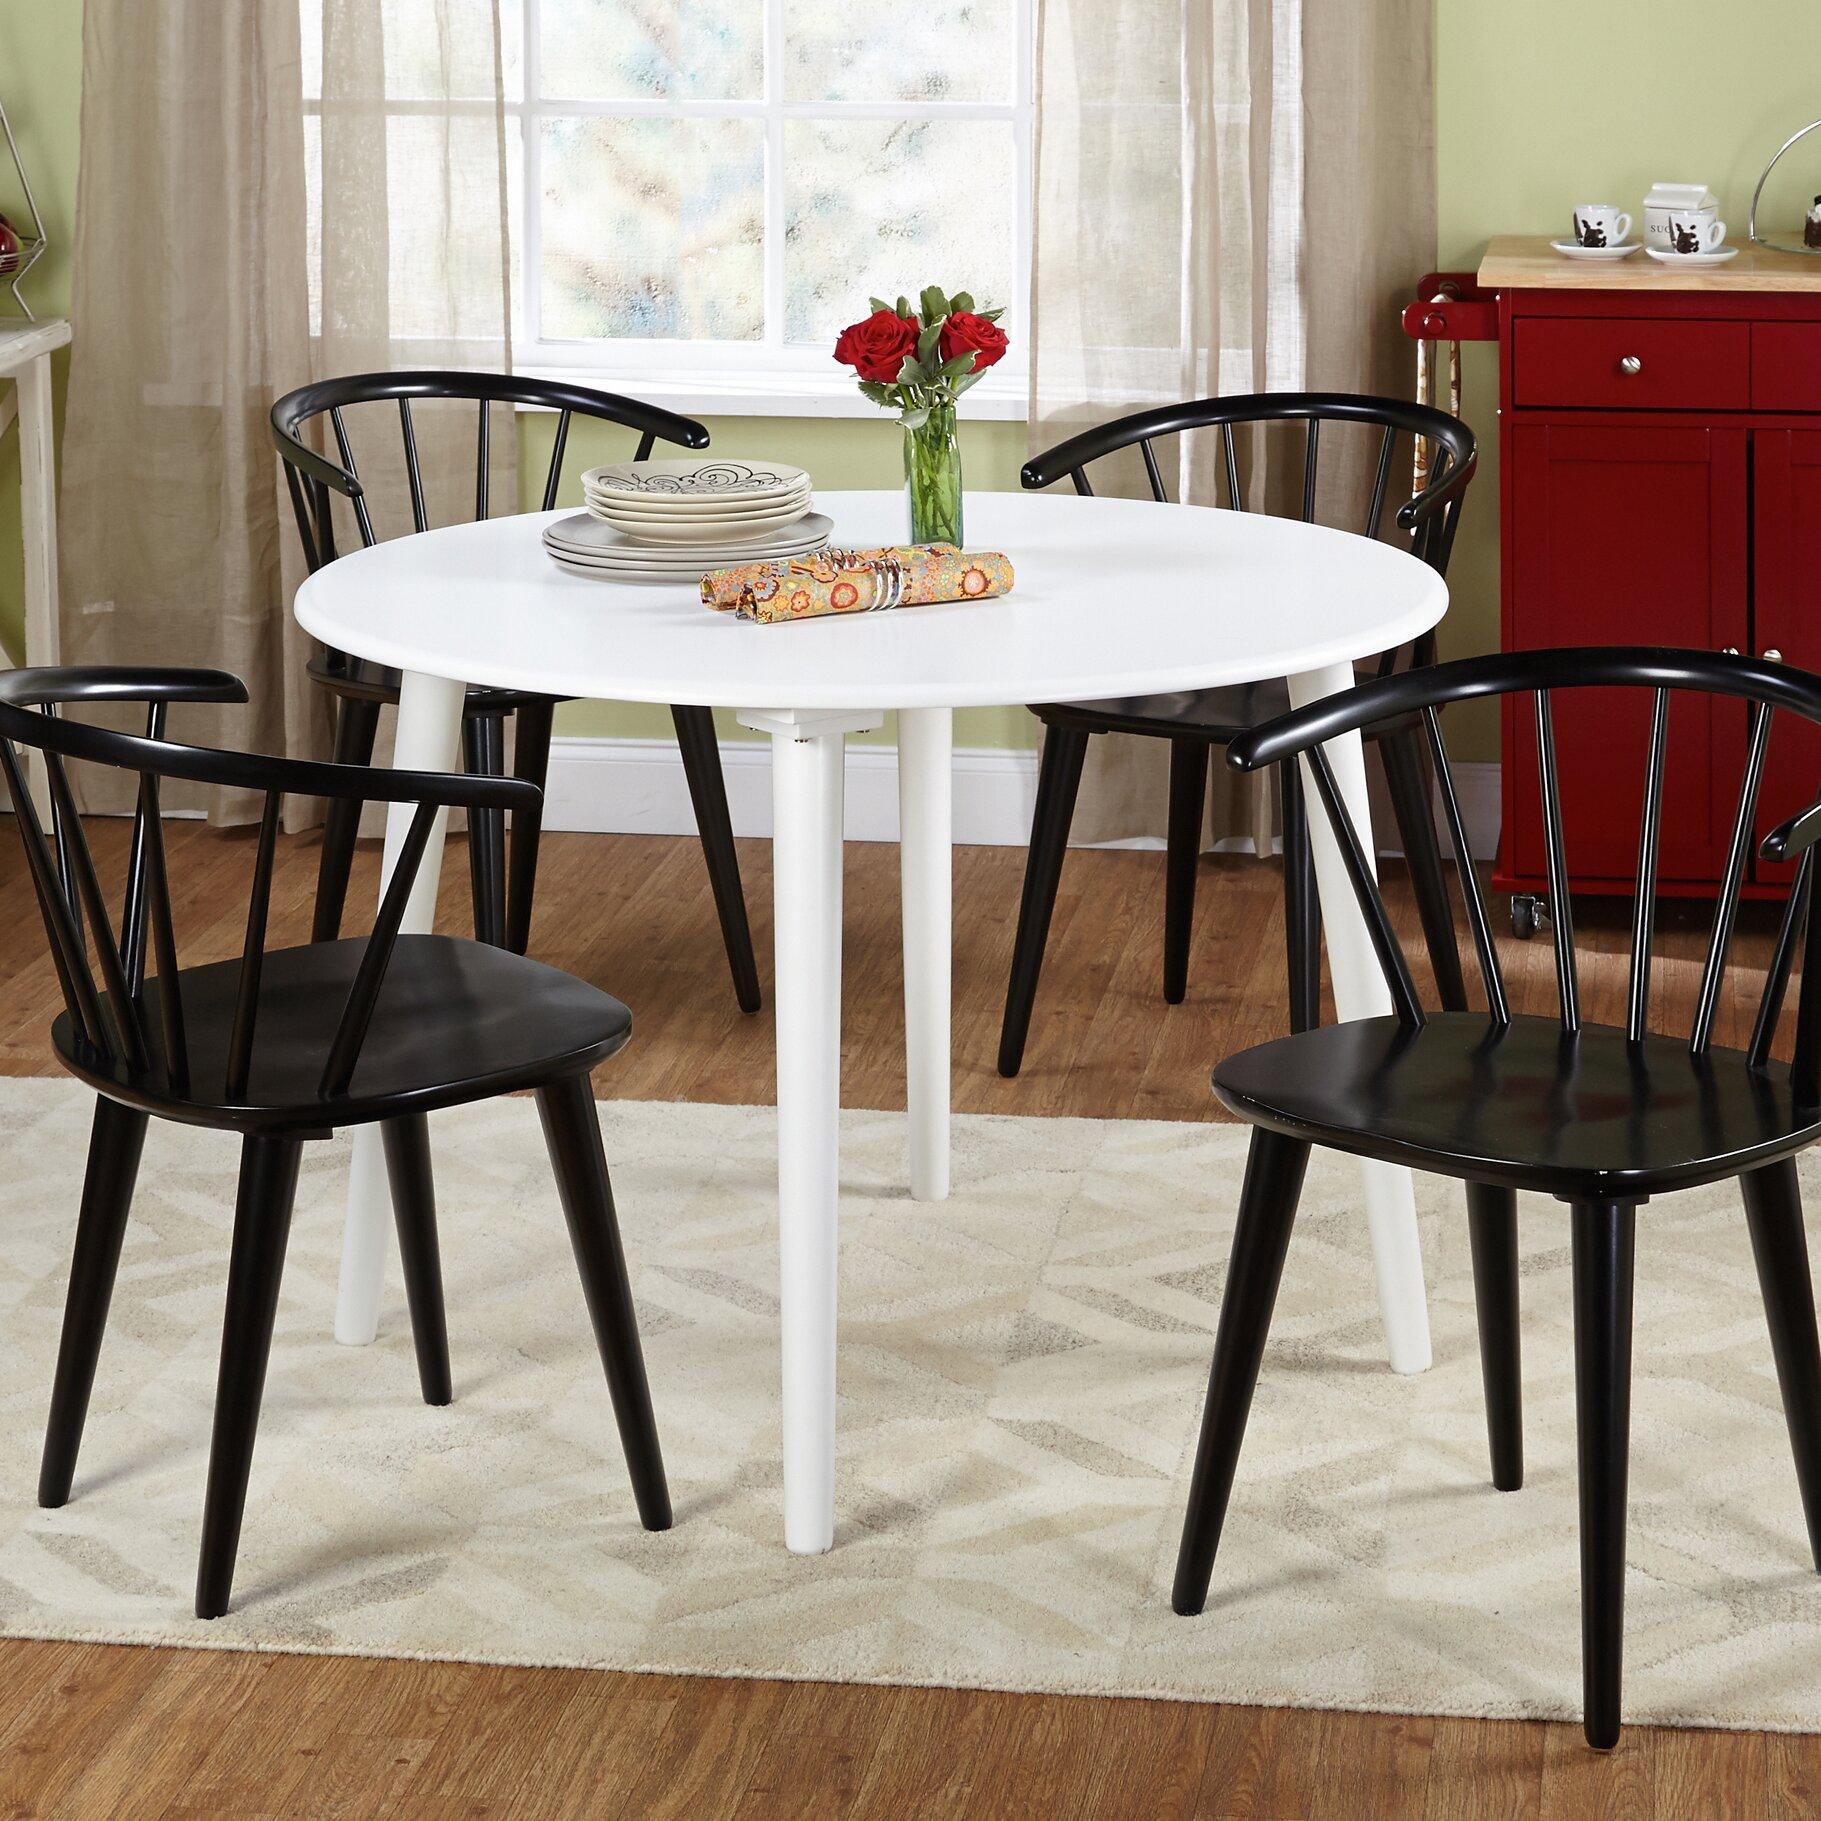 TMS Florence 5 Piece Dining Set Reviews Wayfair